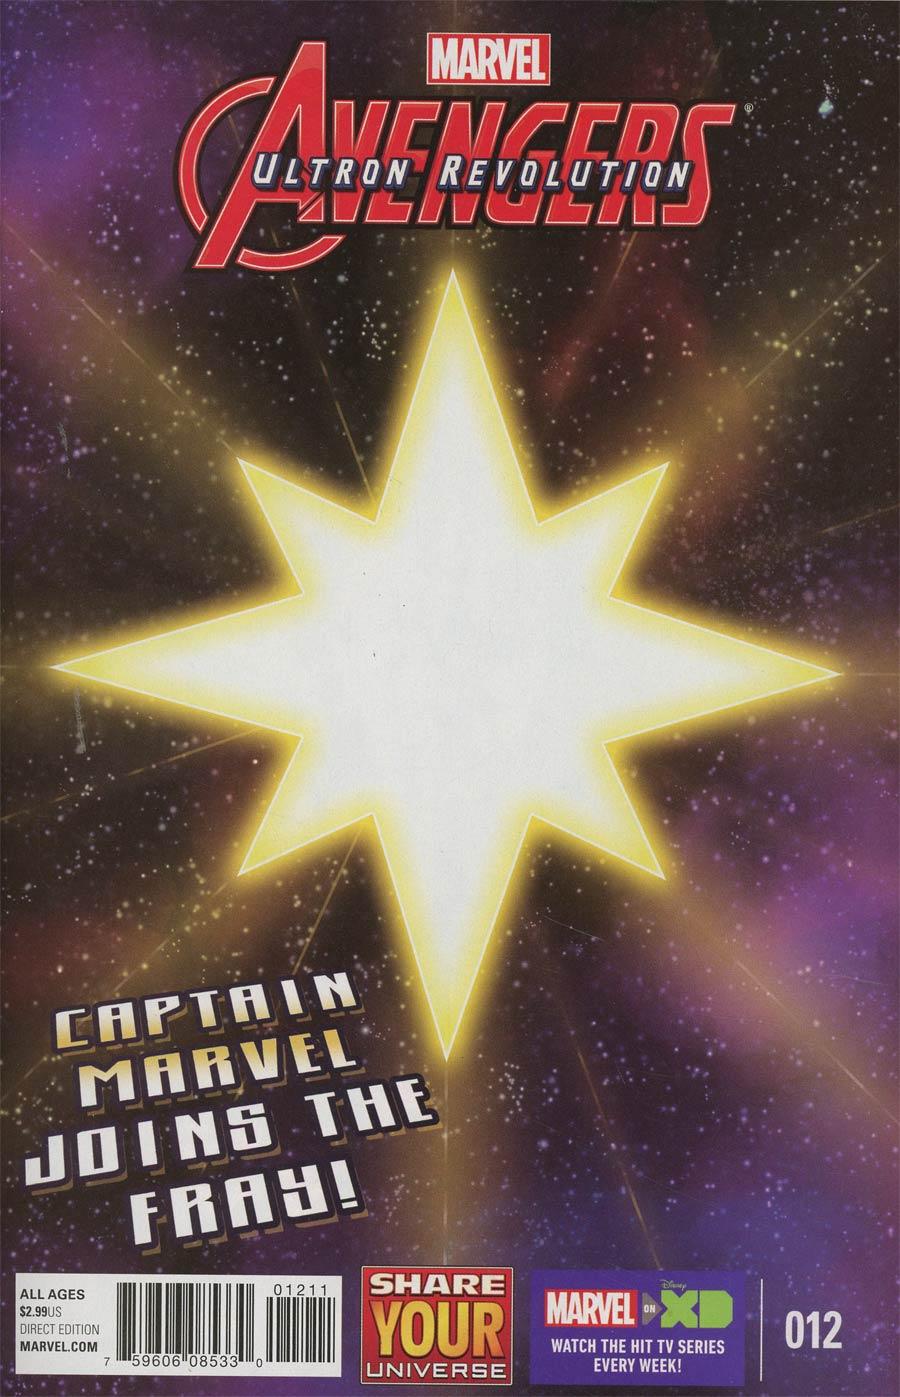 Marvel Universe Avengers Ultron Revolution #12